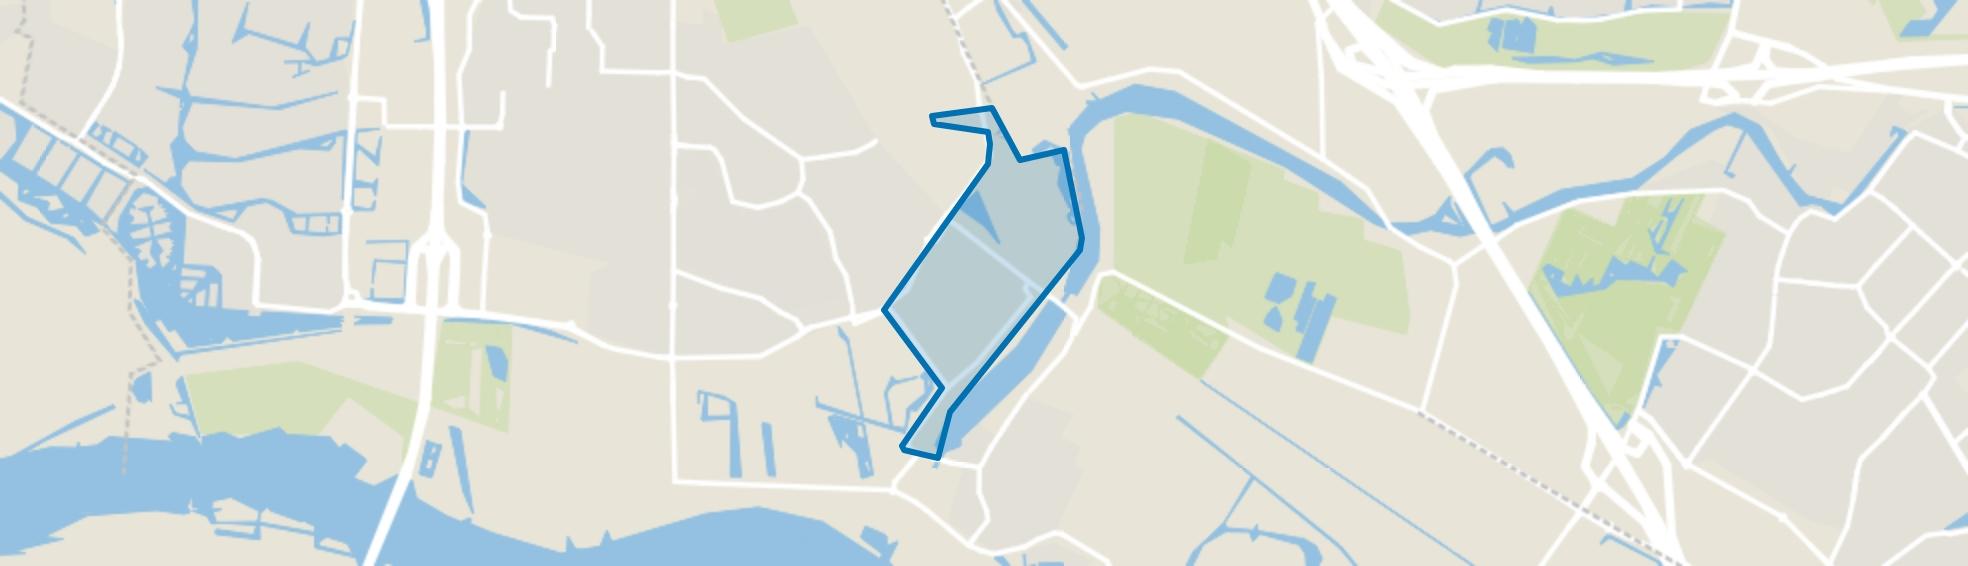 Noldijk, Barendrecht map